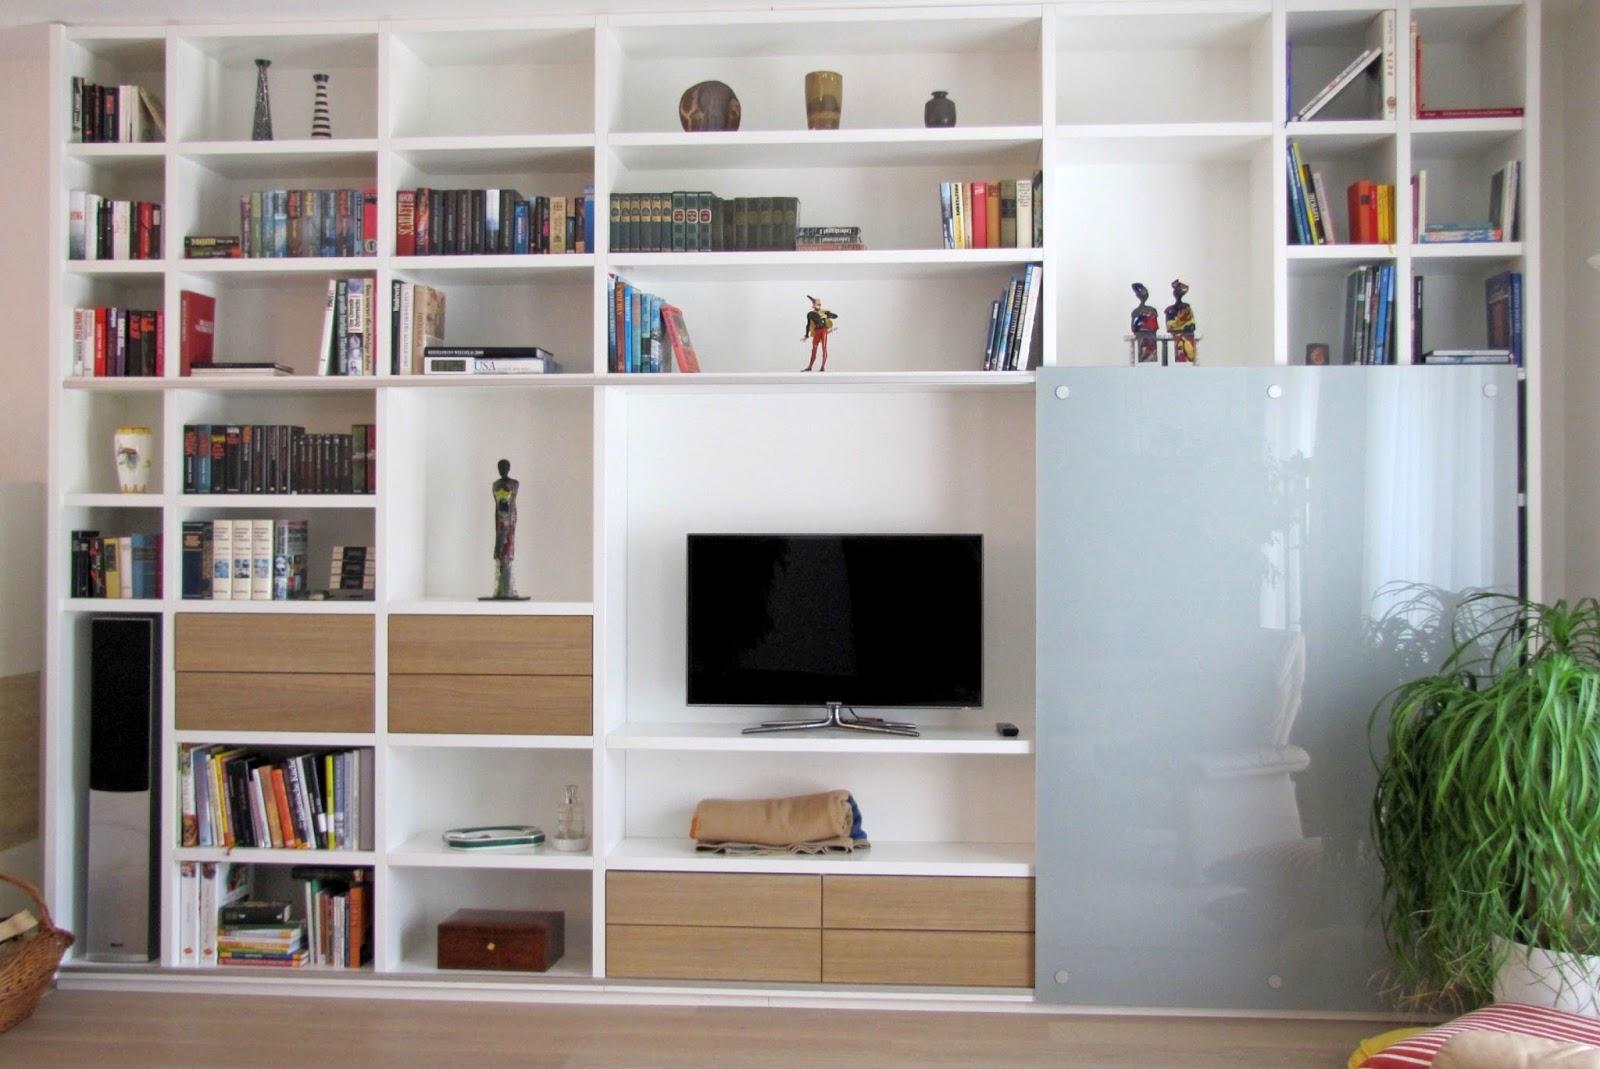 Je mehr smart home anwendungen wie etwa die lichtsteuerung - Wohnzimmergestaltung 3d ...